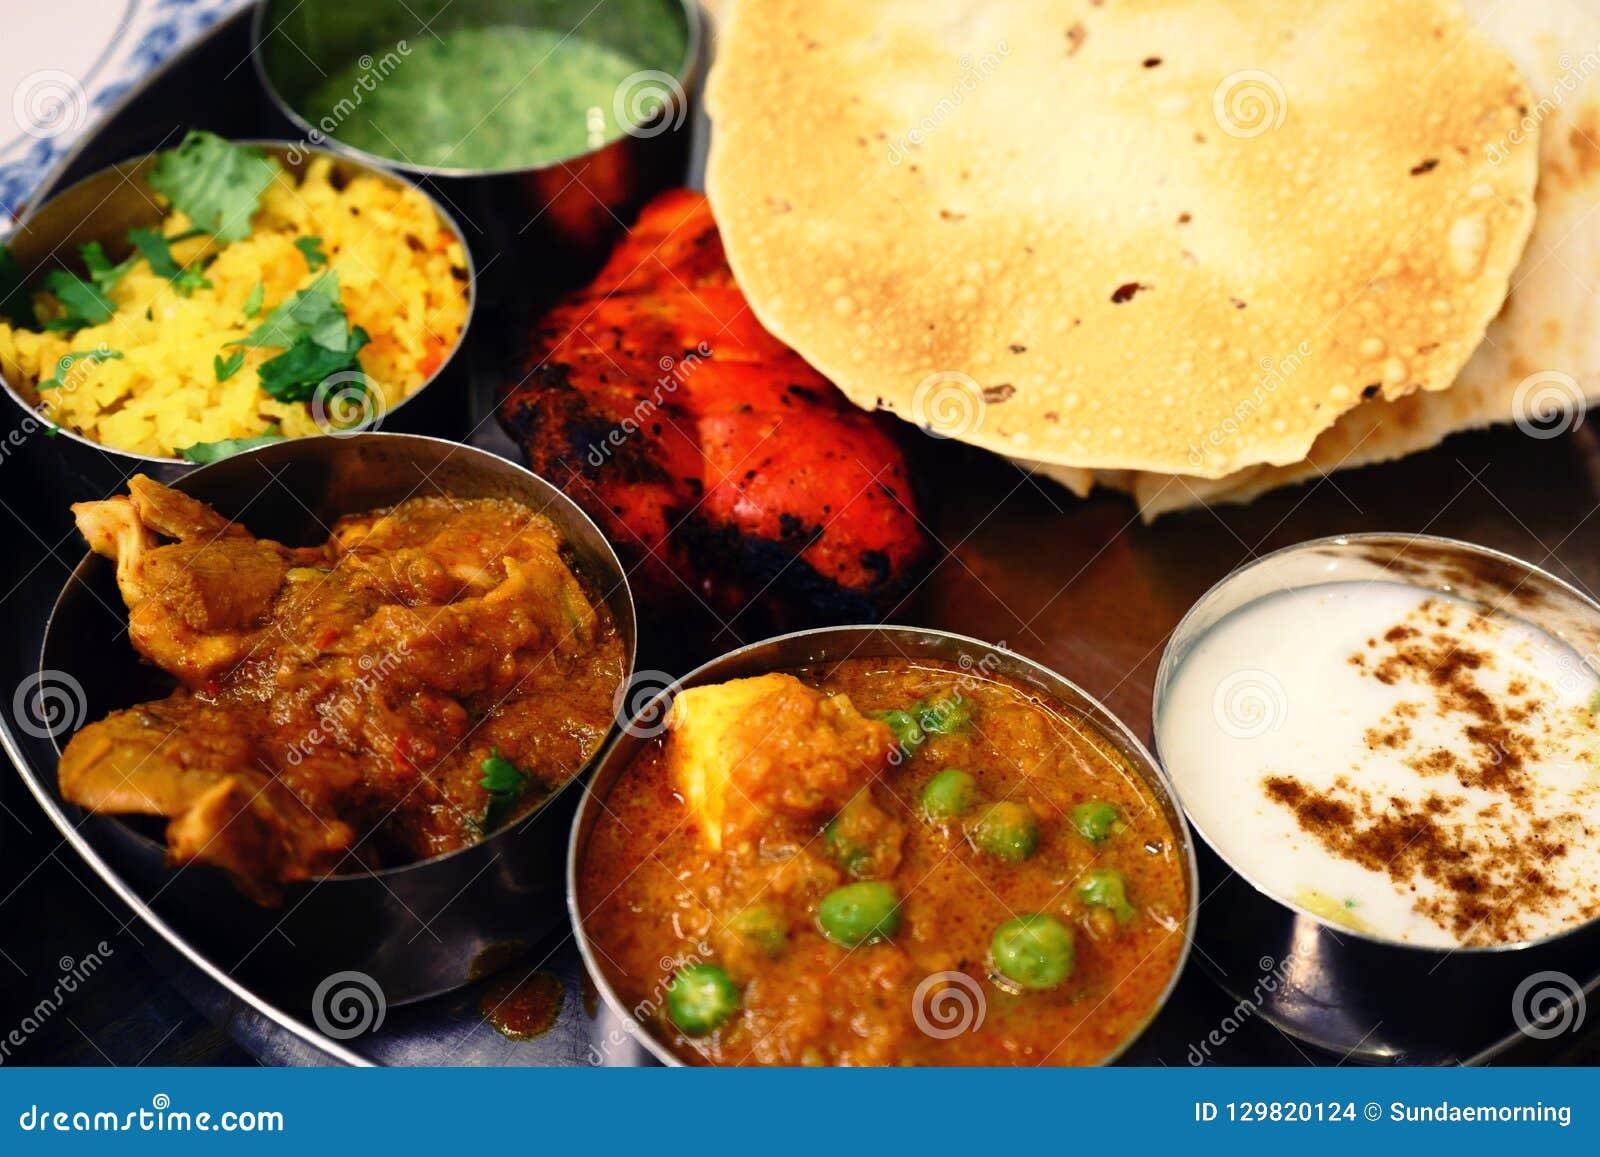 Sorterad indisk matuppsättning i magasinet, tandurihöna, naan bröd, yoghurt, traditionell curry, roti